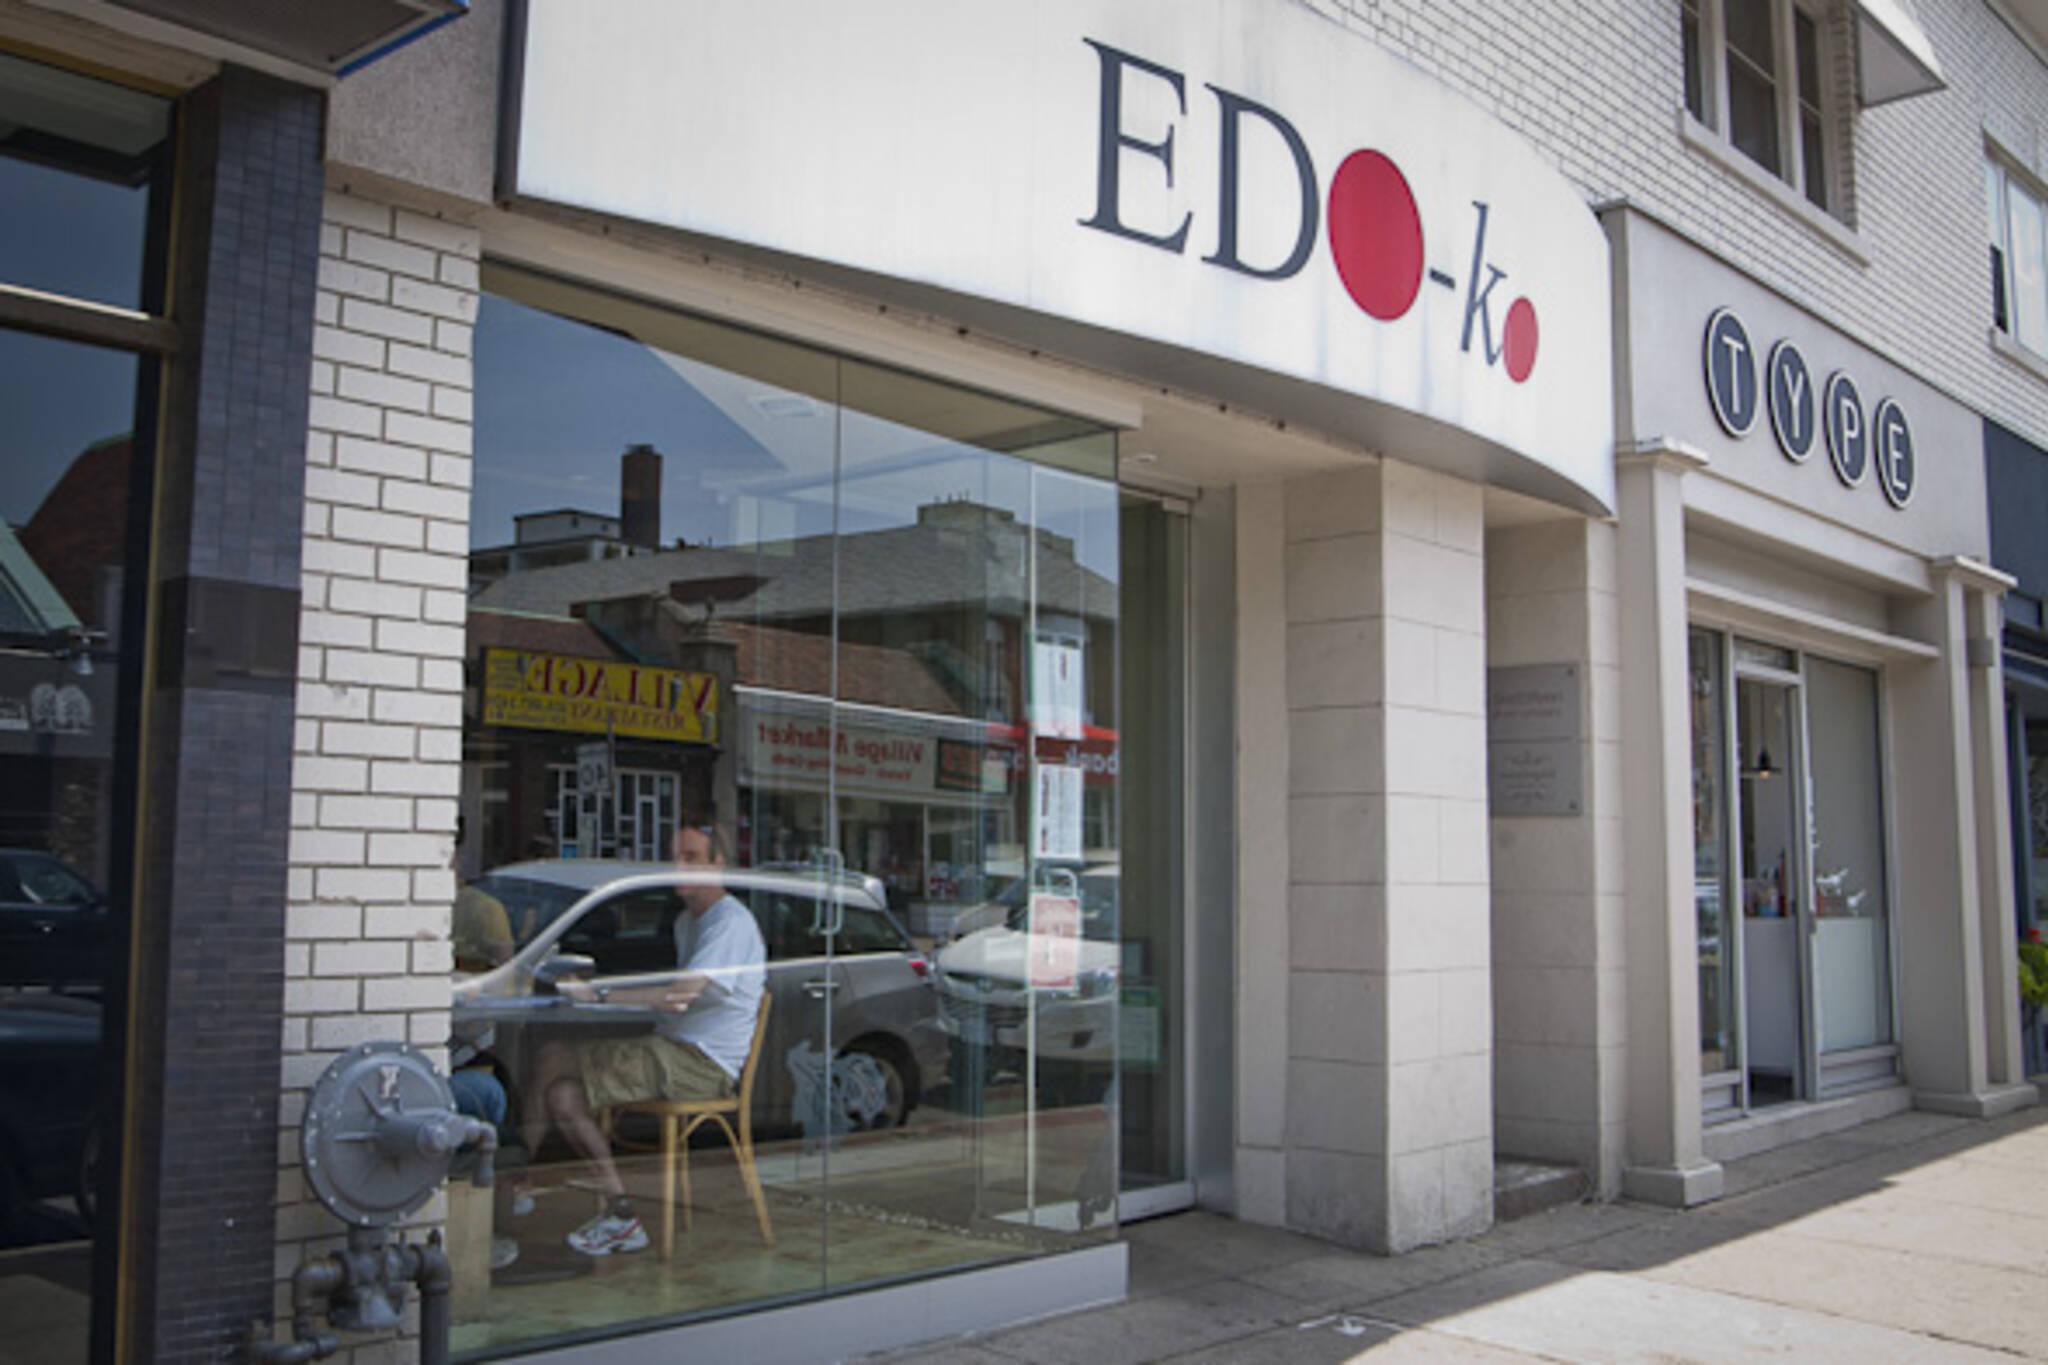 Edo Ko Toronto